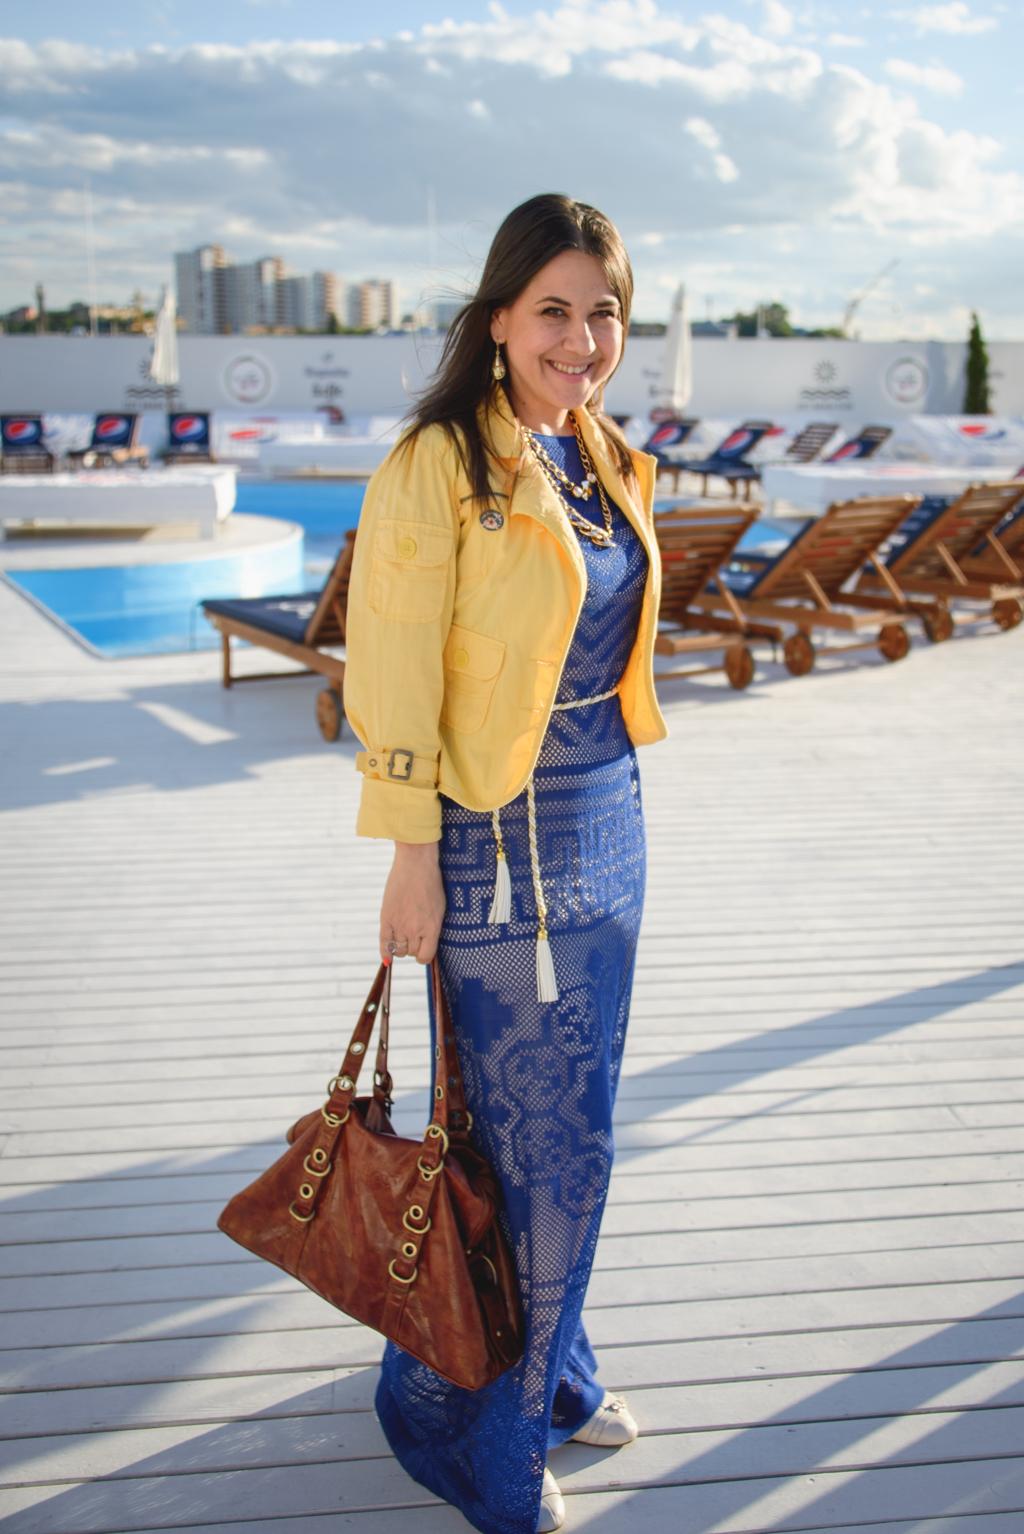 Певица Анжелика Рудницкая проявила свой патриотизм посредством наряда в цветовой гамме украинского флага